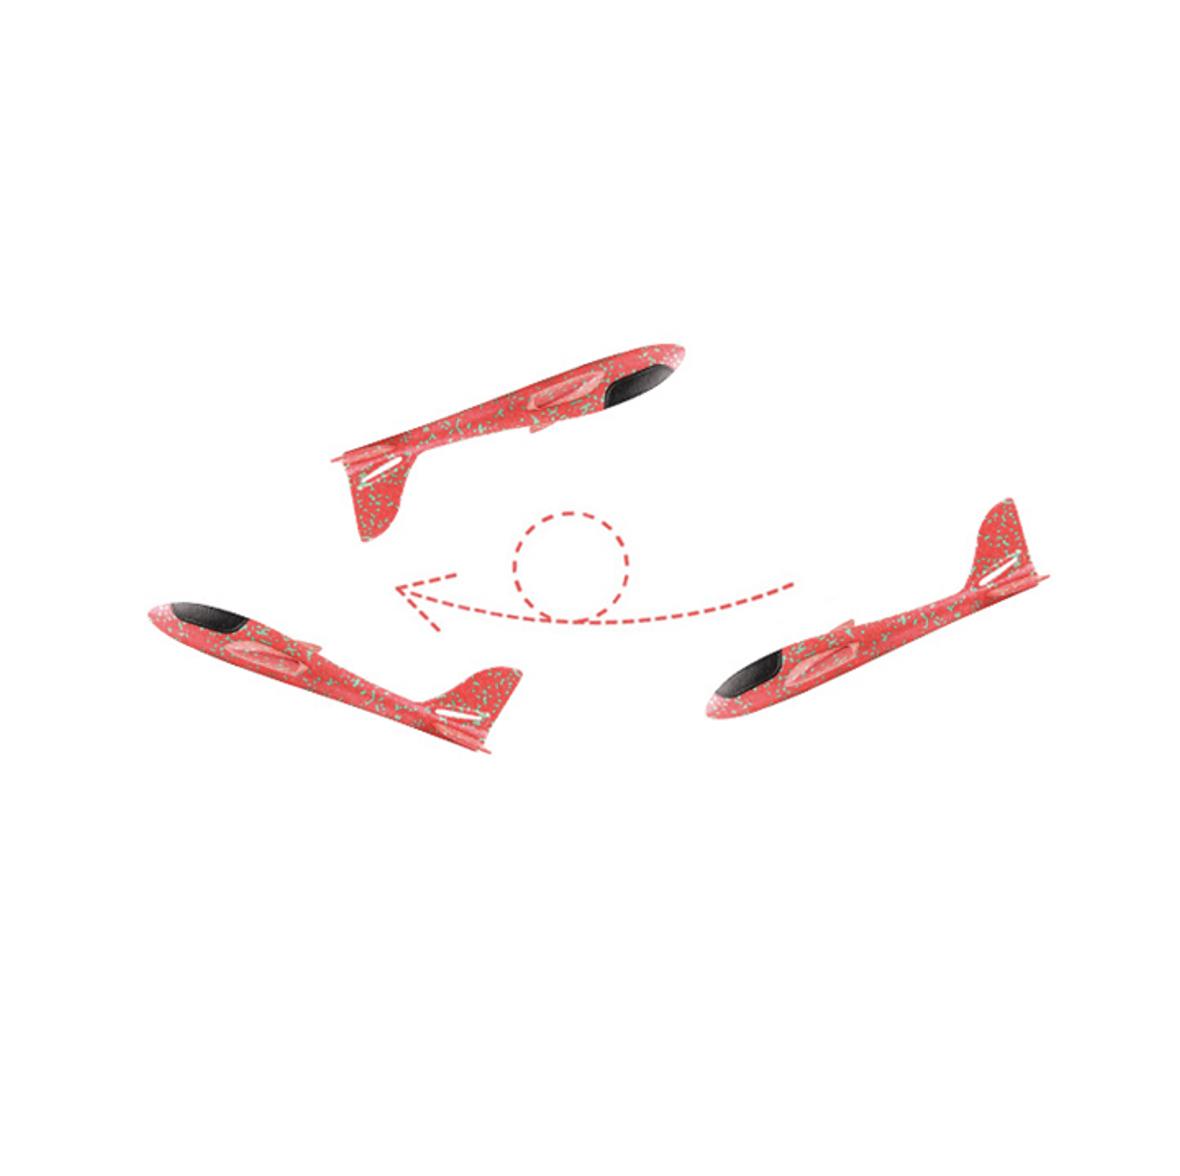 (商檢合格認證)手拋飛機 飛機模型手拋飛機   翻轉迴旋  手擲飛機